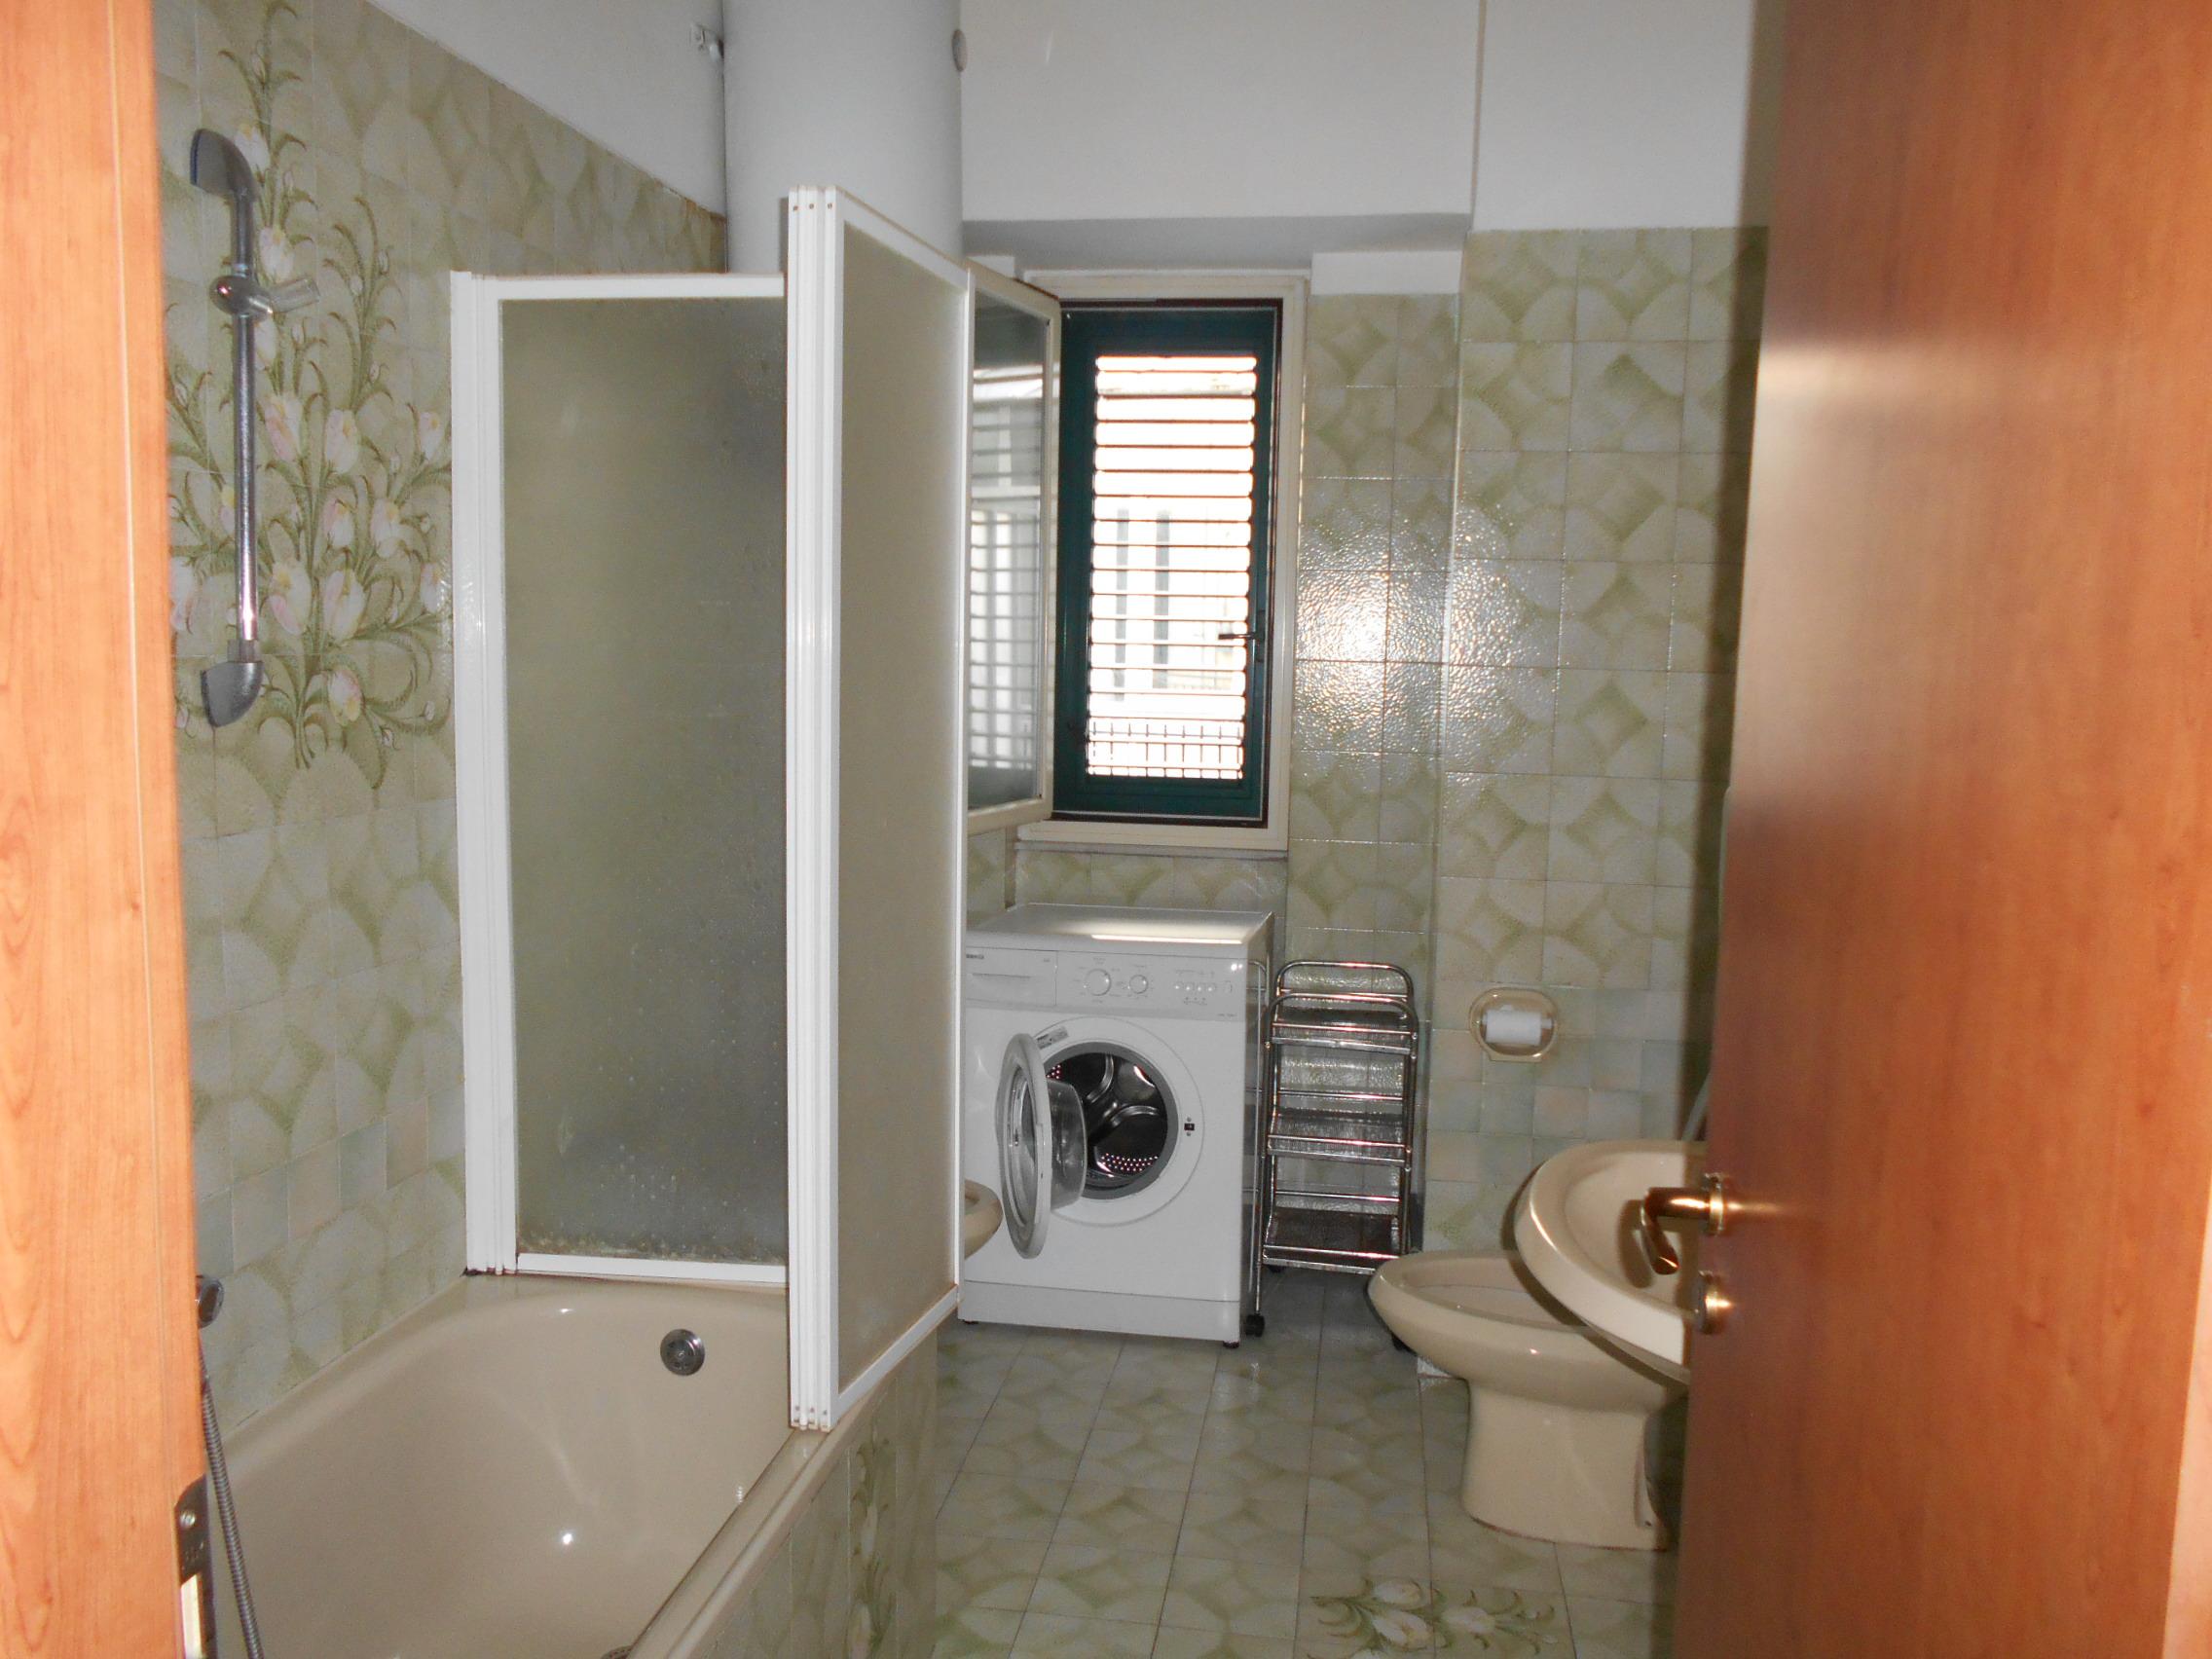 Ristrutturare Bagno Casa In Affitto : Agenzia immobiliare affittasubito messina